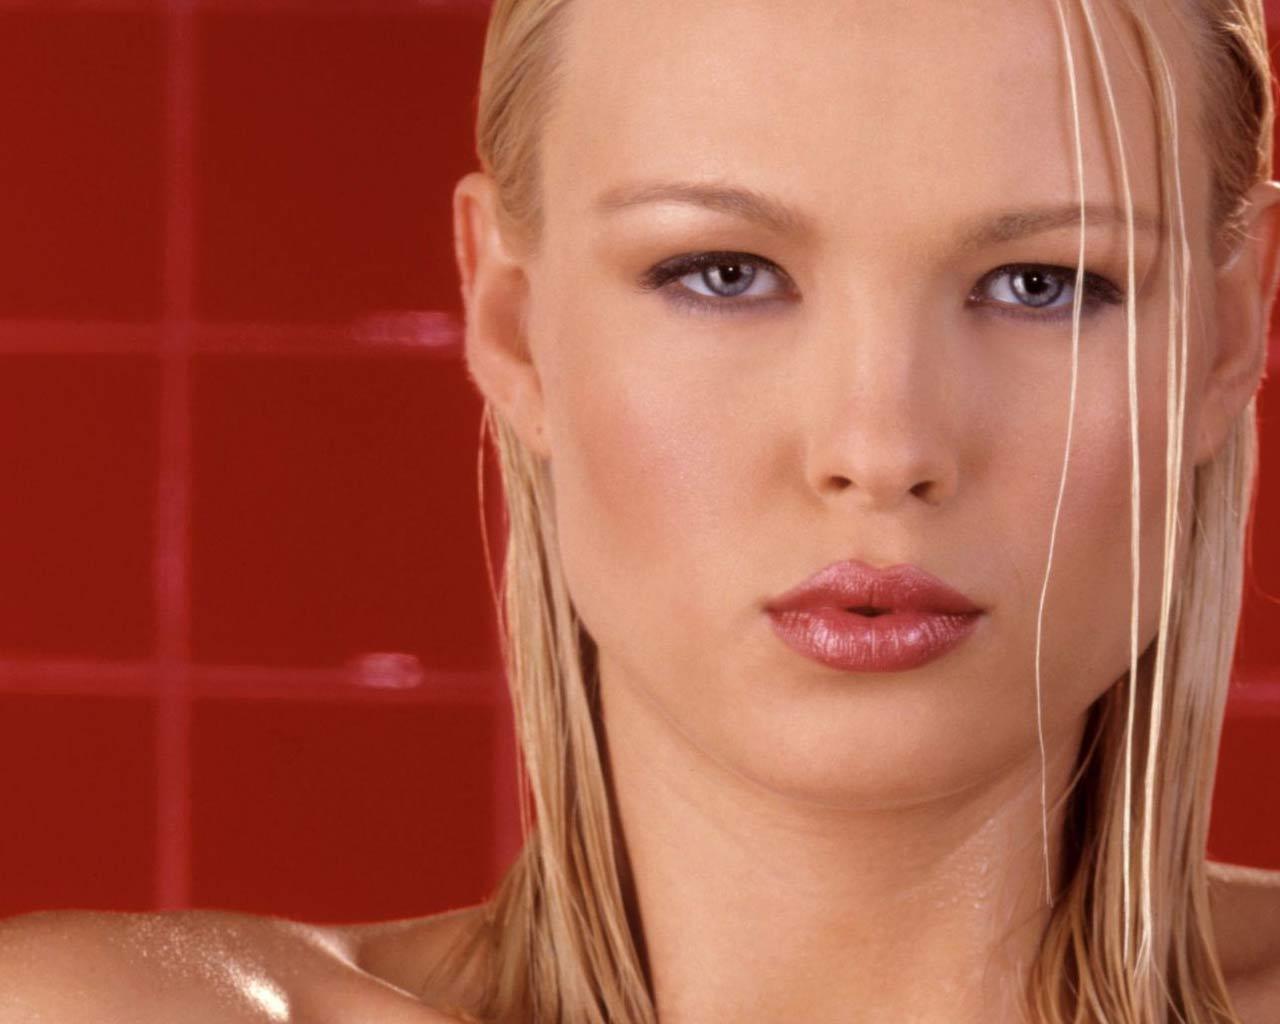 http://2.bp.blogspot.com/-J_MWFhYJEWg/TZDdc3EYdkI/AAAAAAAAMWs/tJ9_70rX68s/s1600/russian-star-Irina-Voronina-wallpaper%2B%25283%2529.jpg